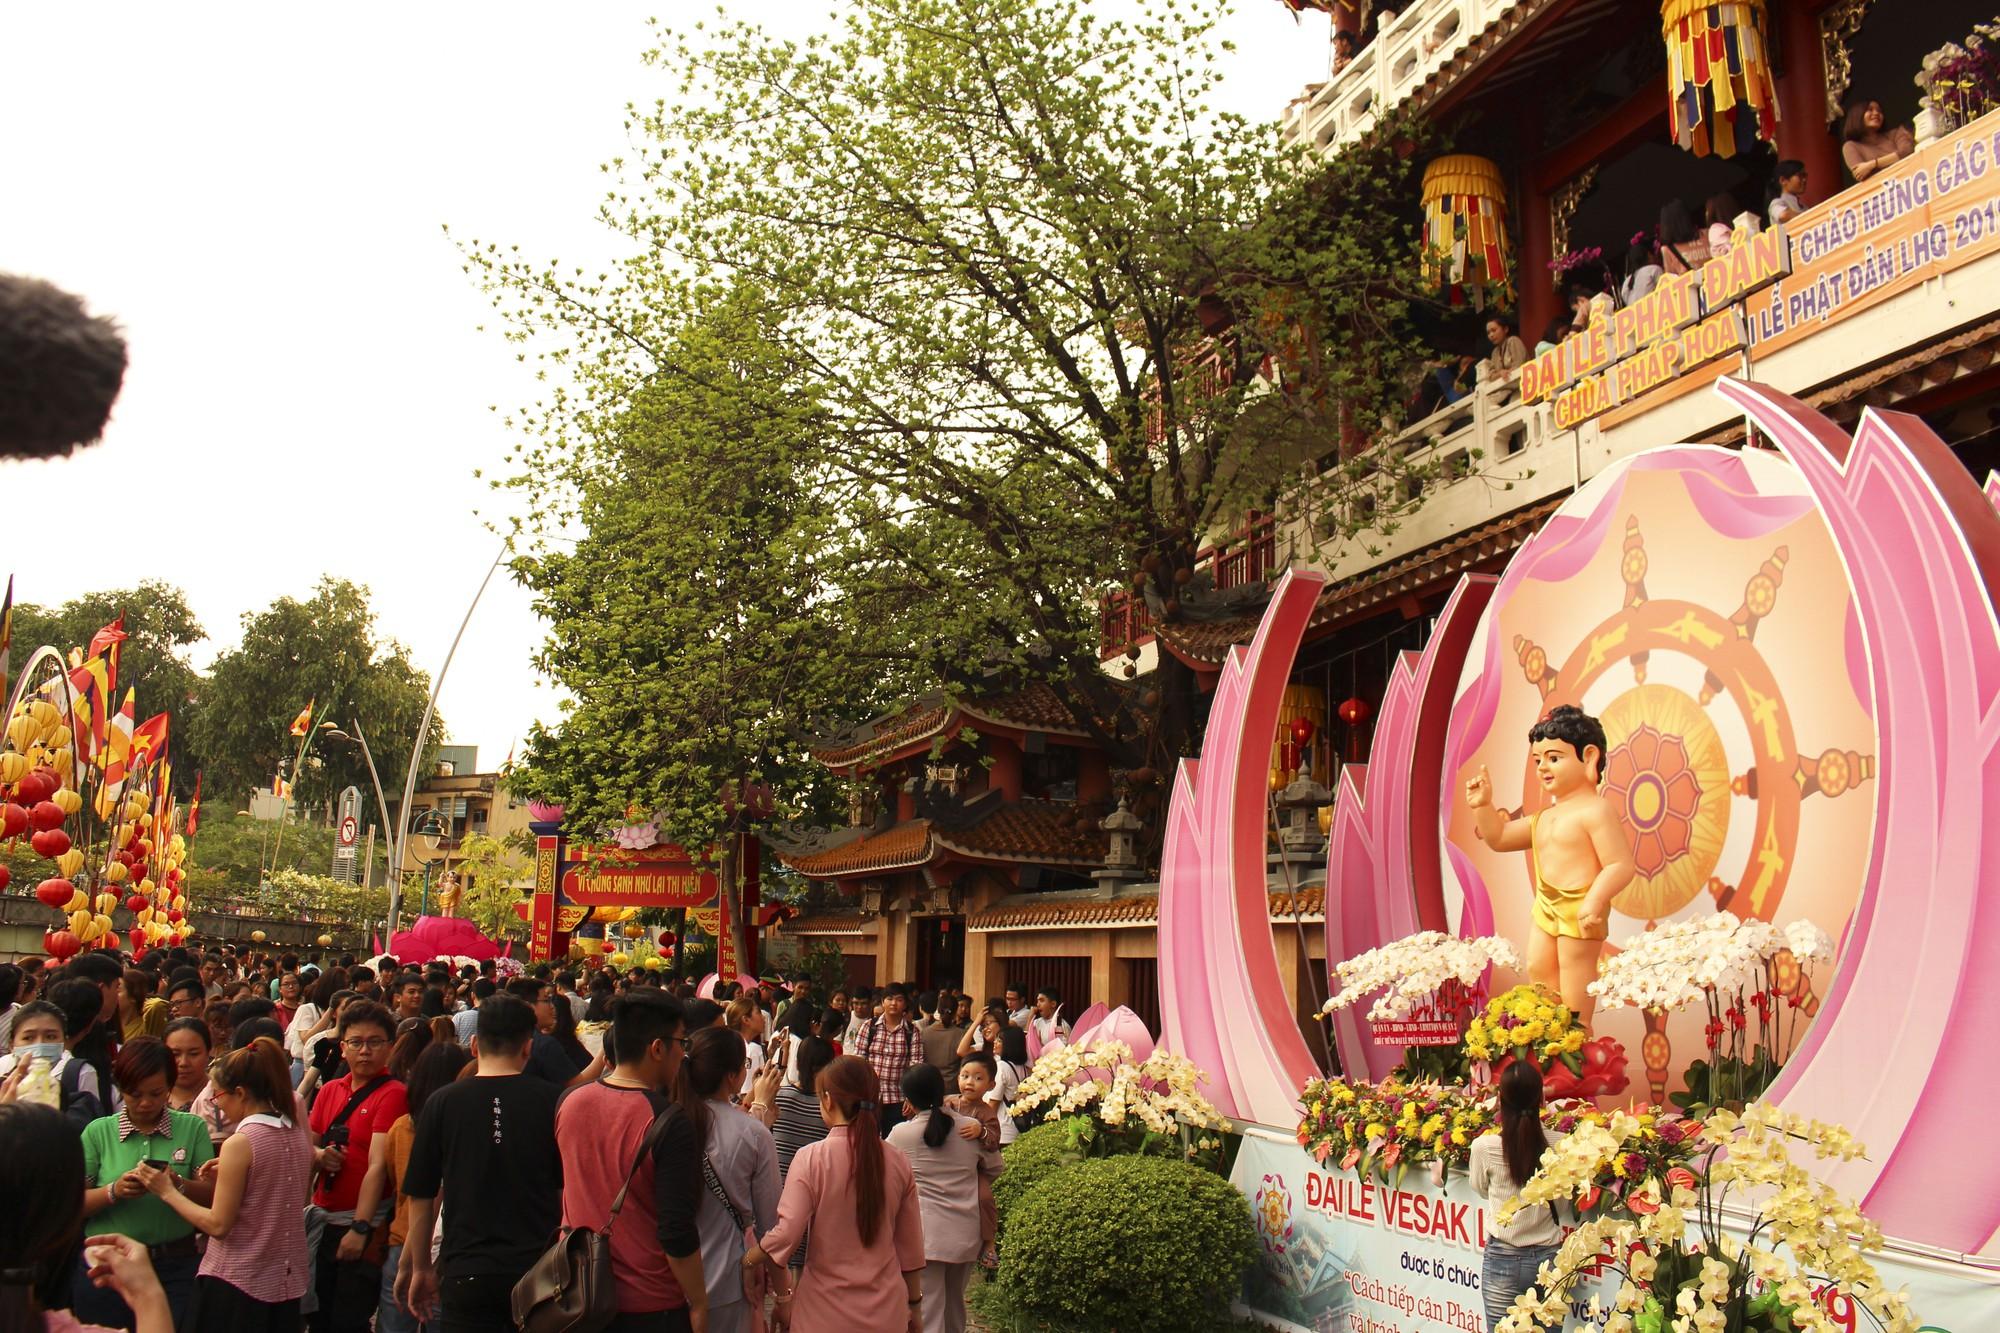 Chùa Pháp Hoa lung linh ngọn đèn hoa đăng ngày lễ Phật Đản - Ảnh 4.